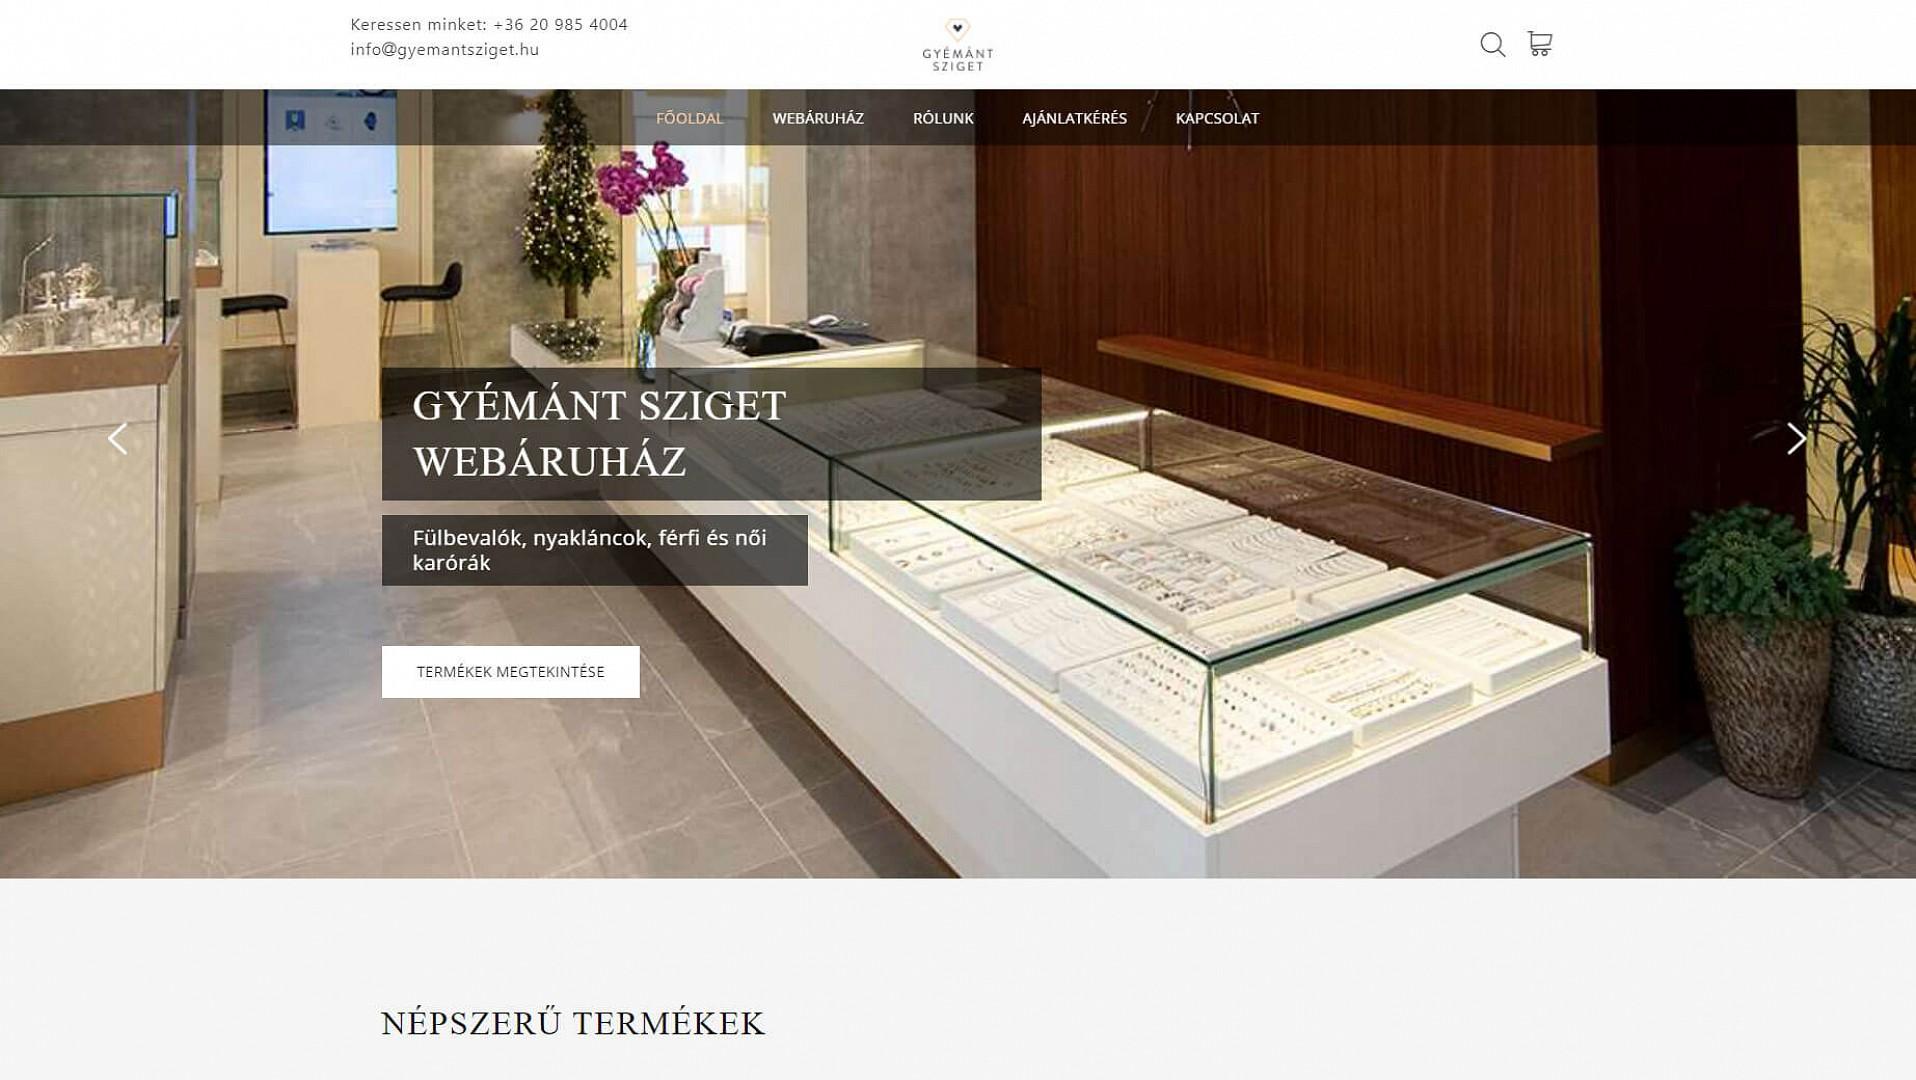 Gyémánt Sziget webáruház